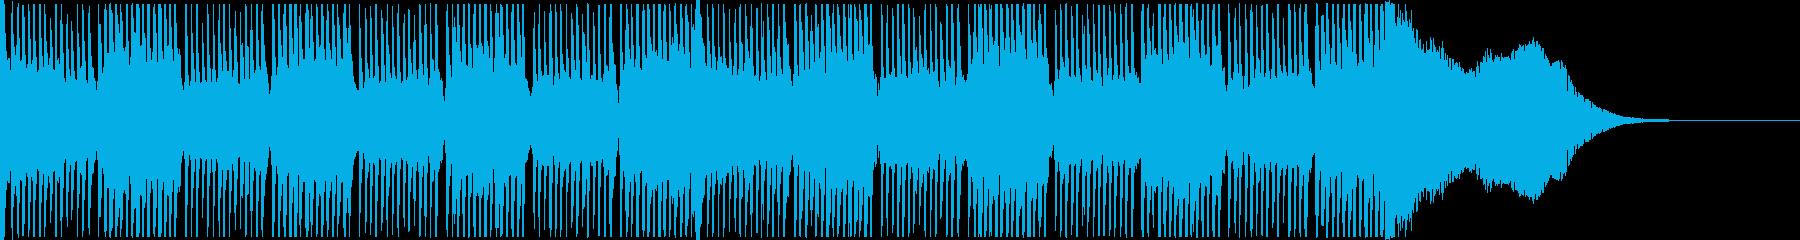 シンキングタイム30秒のMEですの再生済みの波形